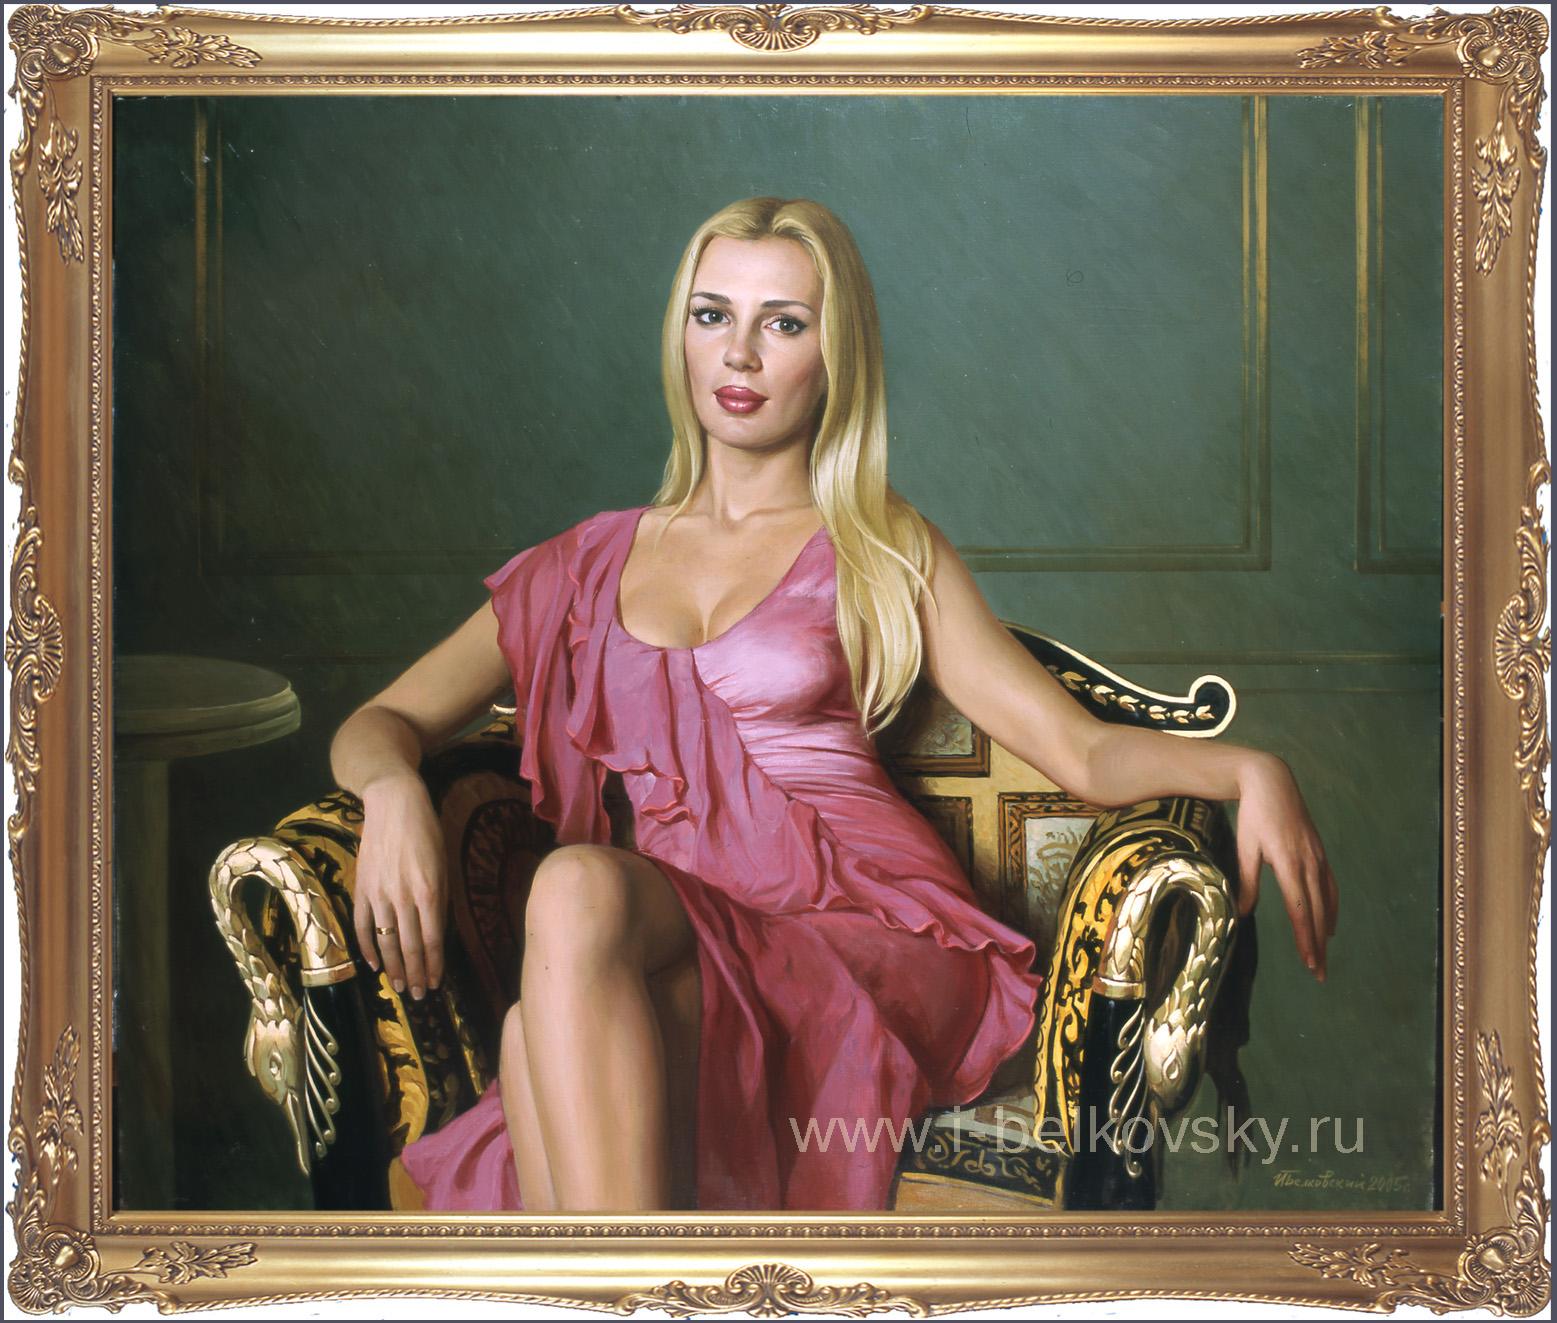 Частная галерея жены 15 фотография